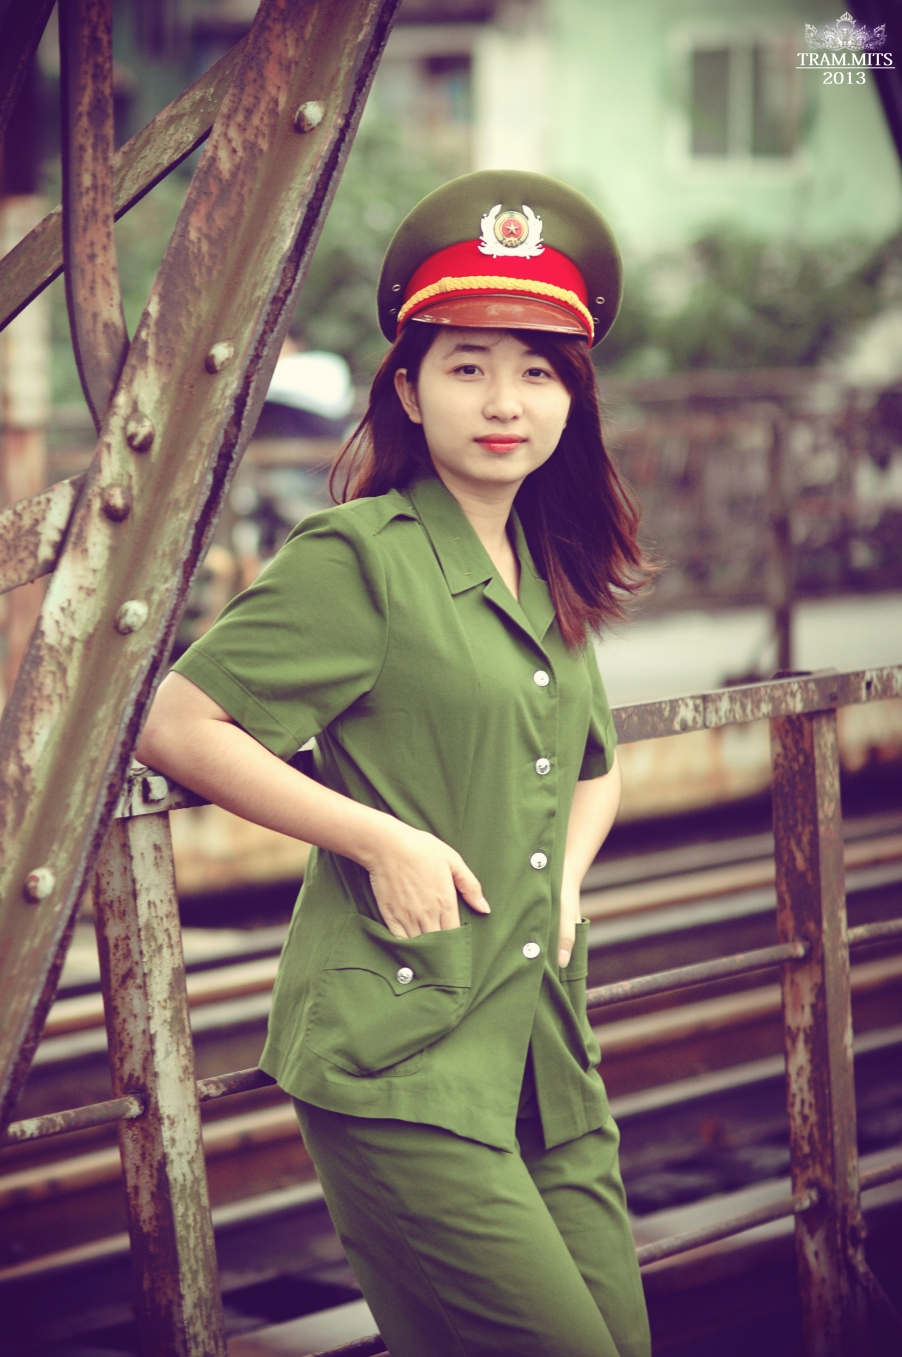 Hình ảnh nữ công an đứng ở đường tàu